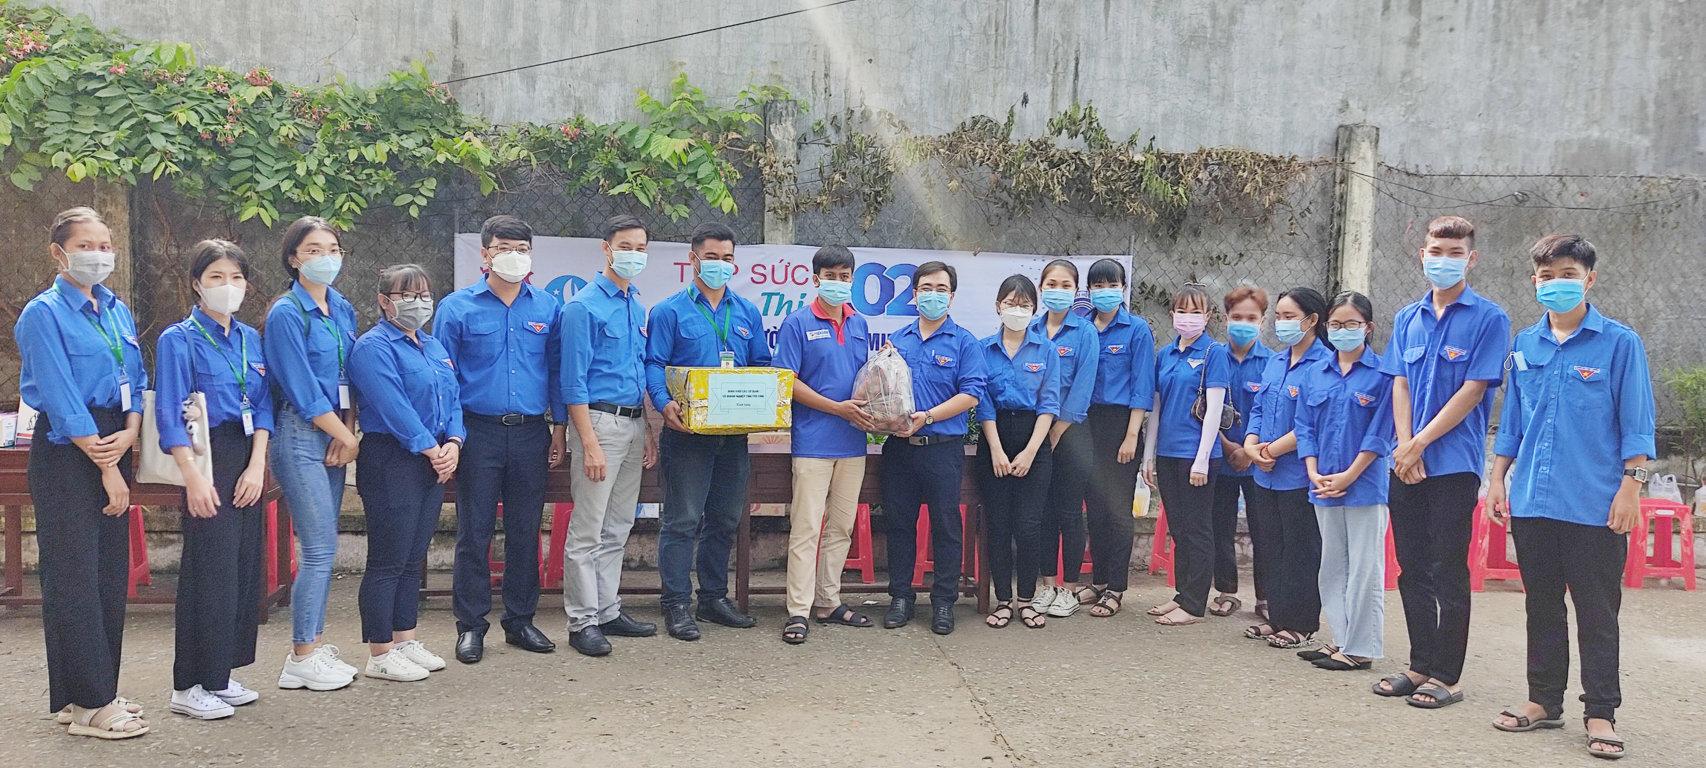 """Đoàn ủy Bệnh viện Đa khoa tỉnh đồng hành cùng màu áo xanh tình nguyện """"Tiếp sức mùa thi"""" năm 2021"""